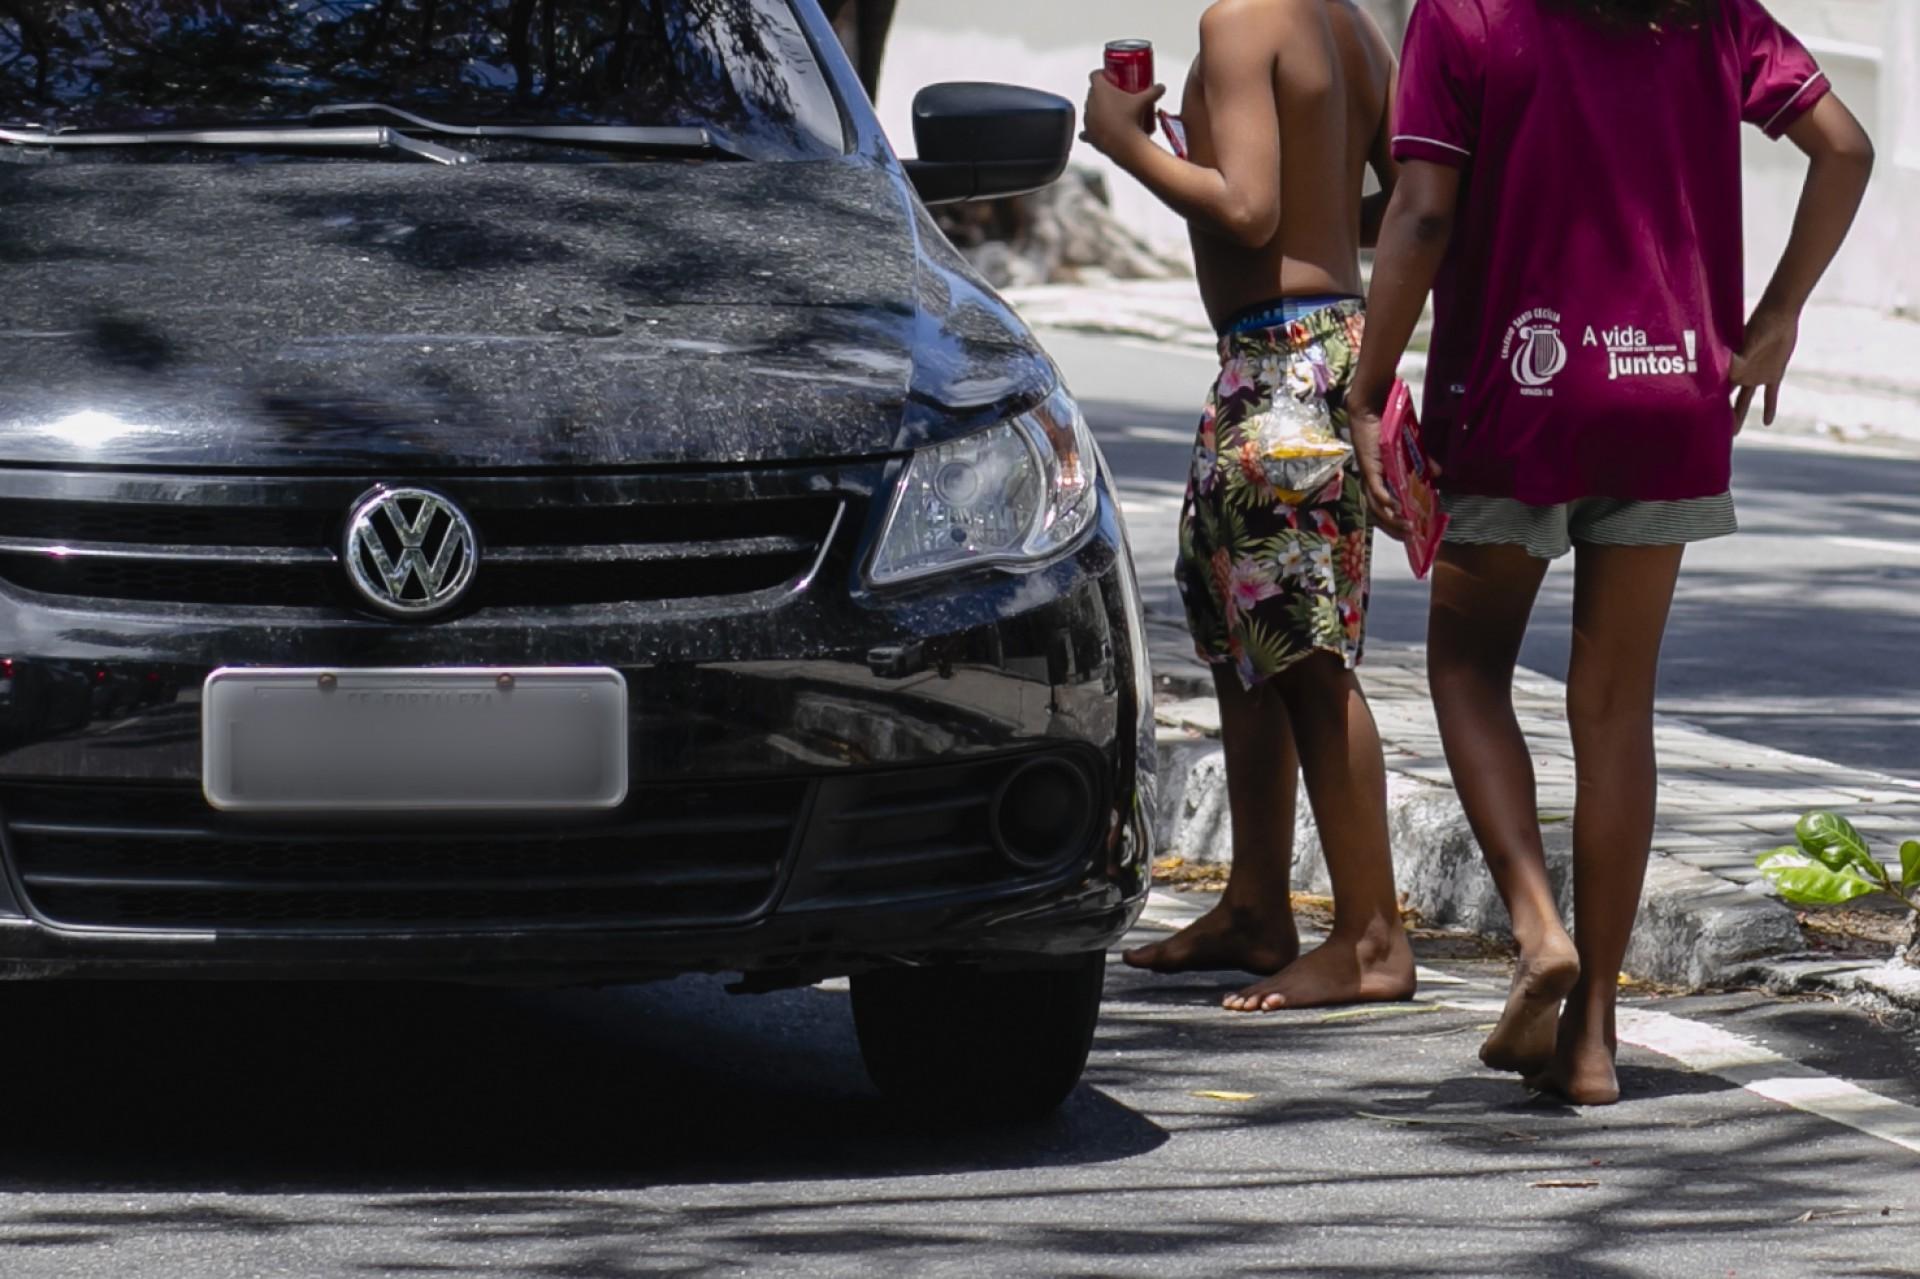 Crianças em situação de rua em semáforo nesta terça (Foto: Aurelio Alves)